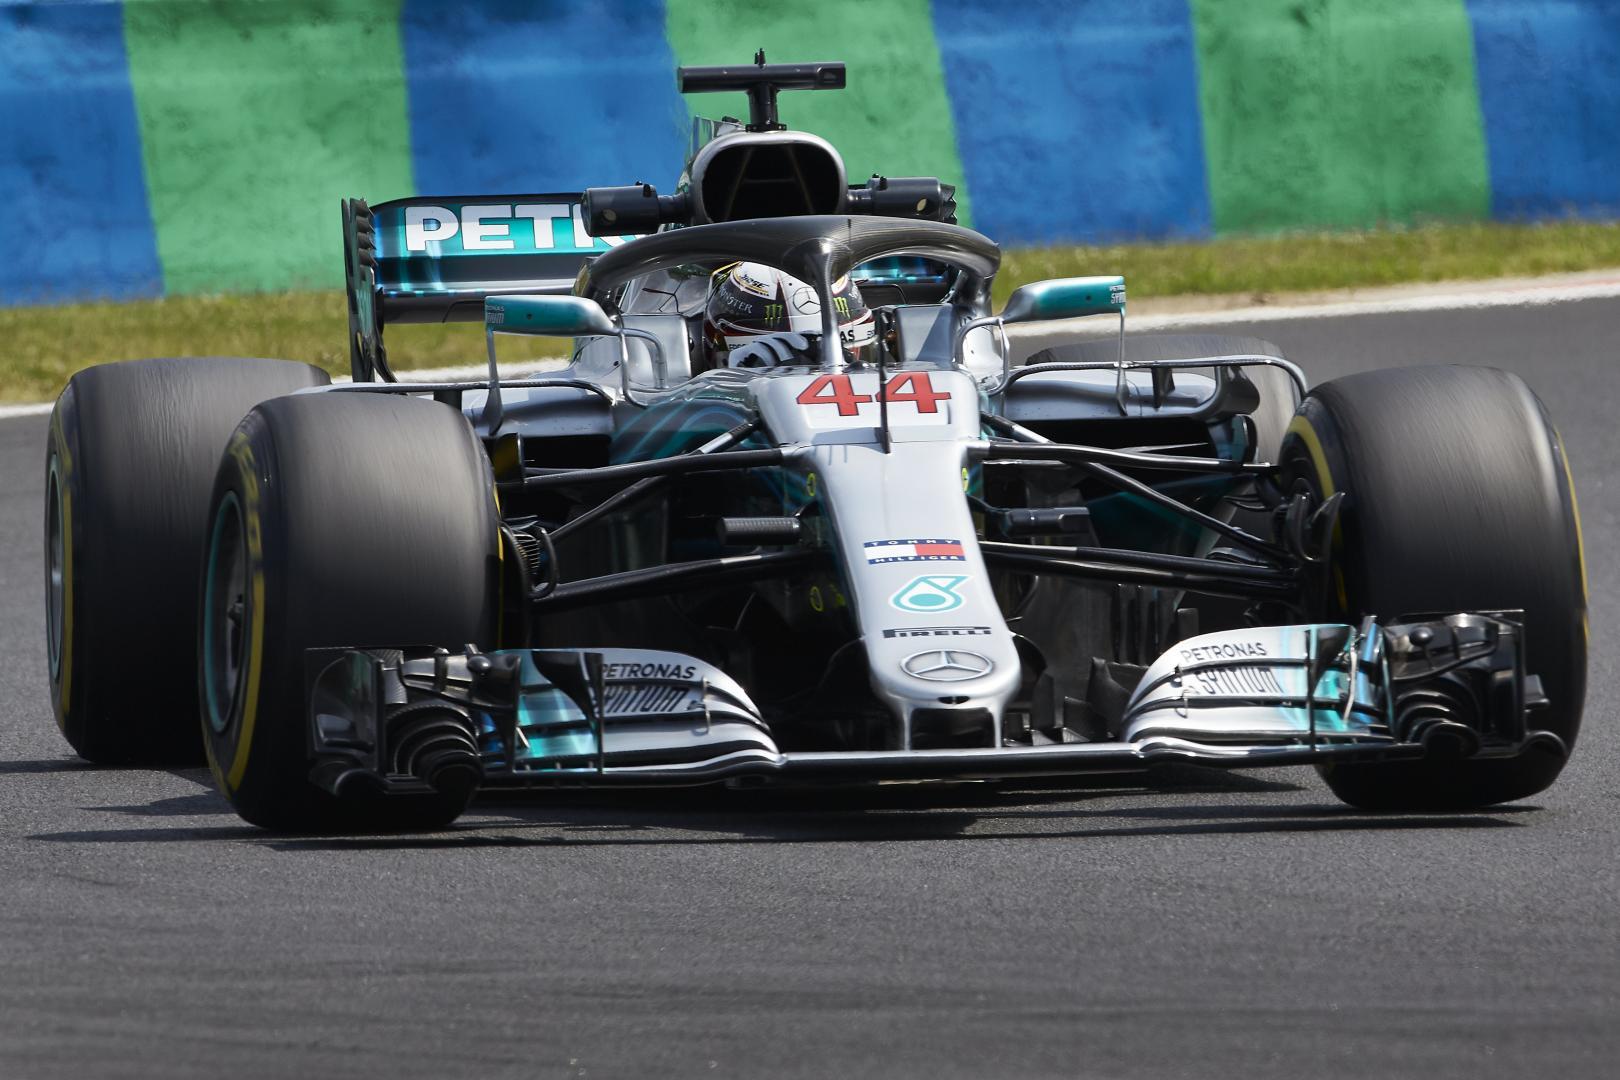 Uitslag van de GP van Hongarije 2018